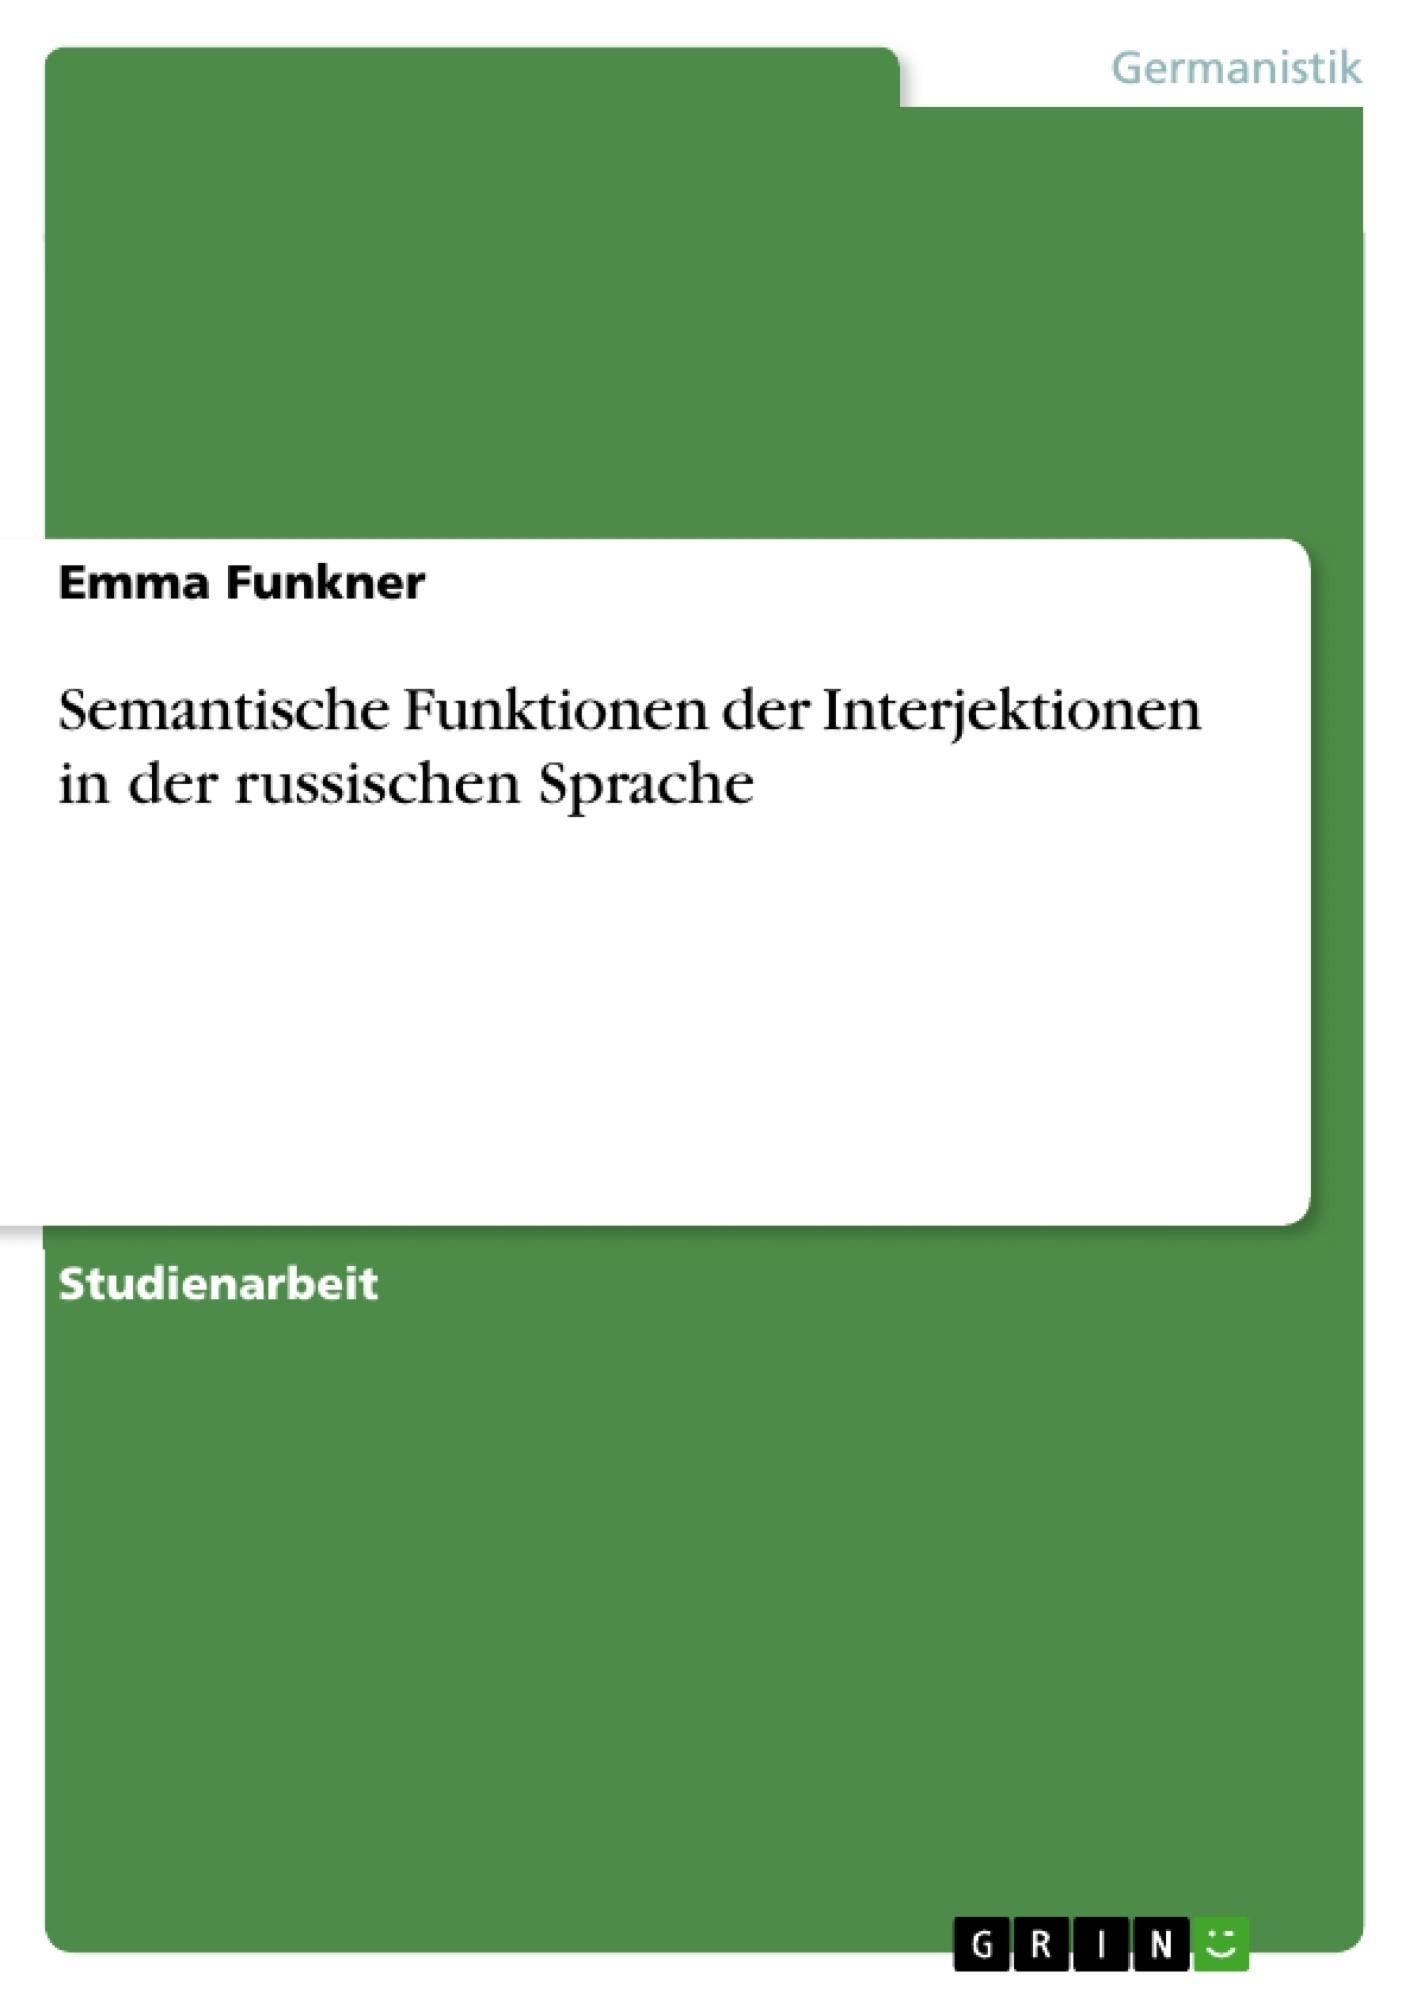 Titel: Semantische Funktionen der Interjektionen in der russischen Sprache